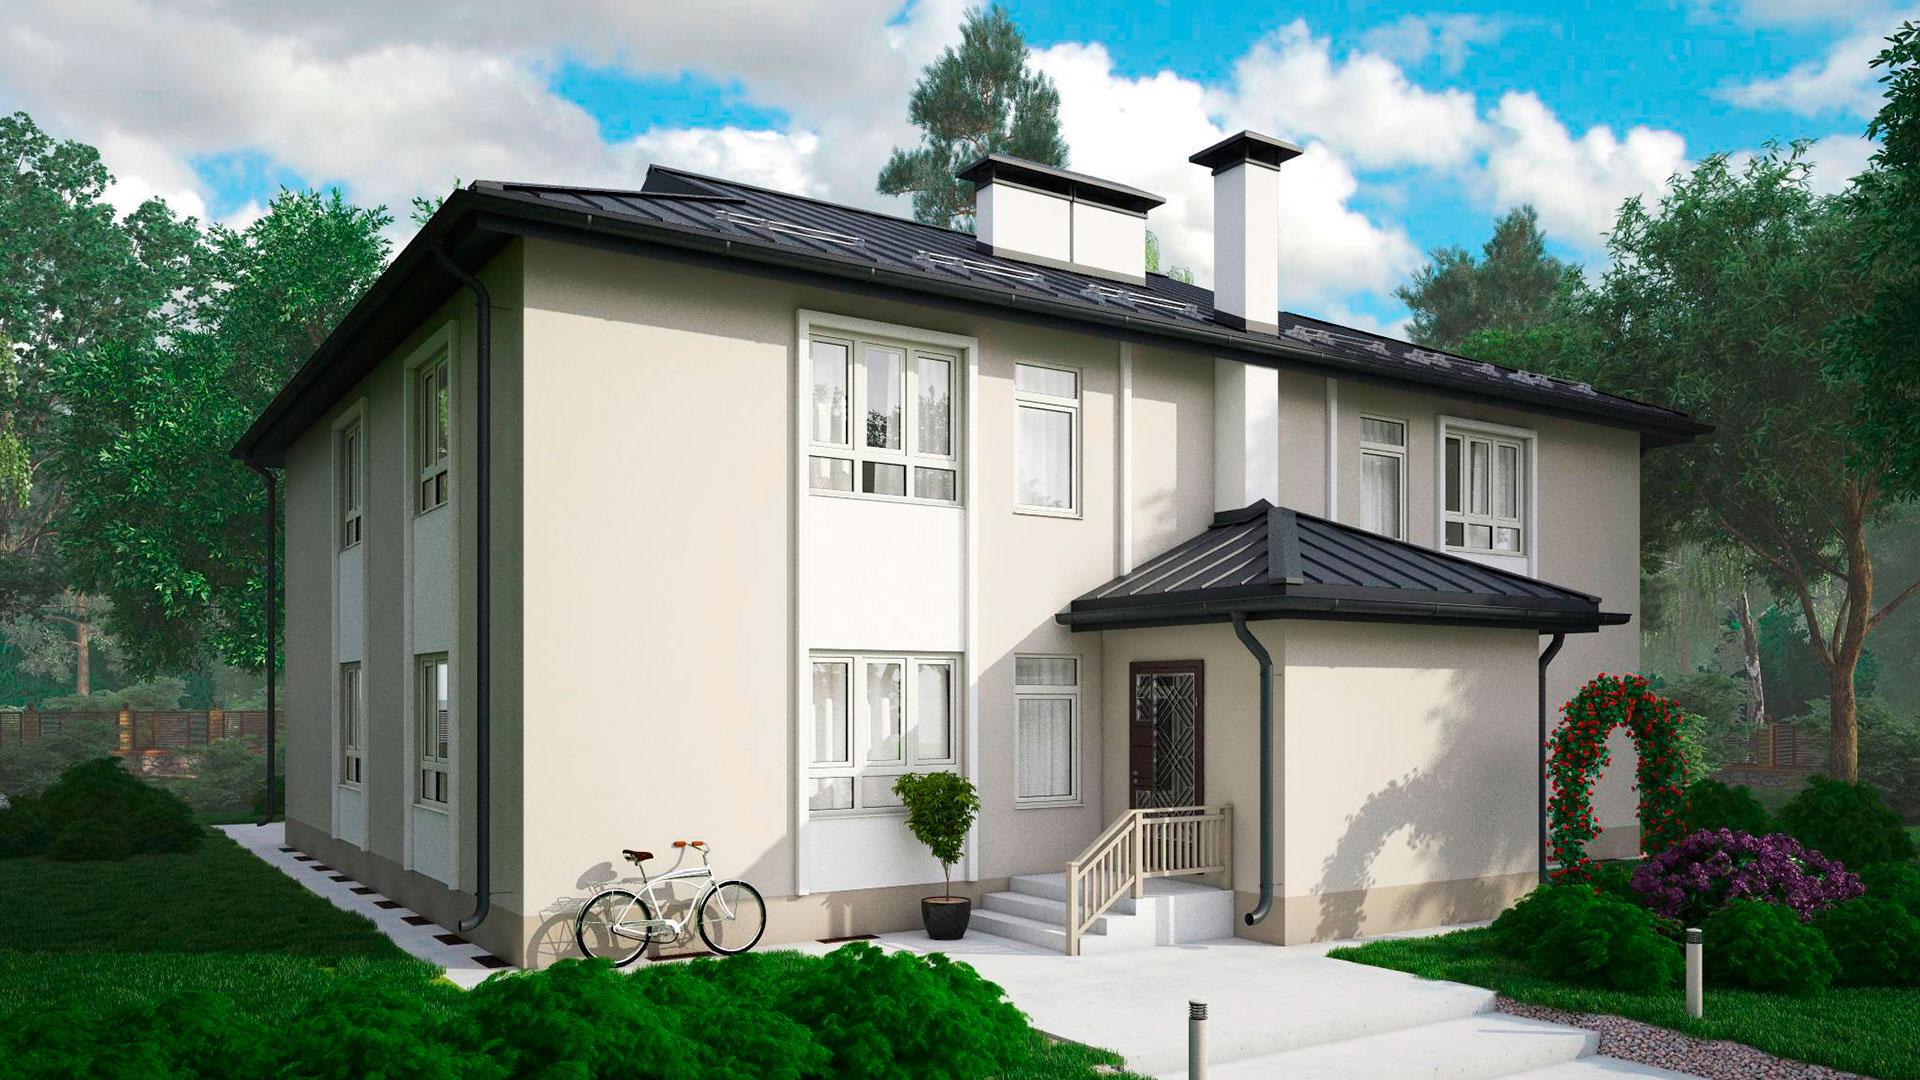 Боковой фасад МС-346 - проекта дома на 4 квартиры, двухэтажного, 342,14 м2.